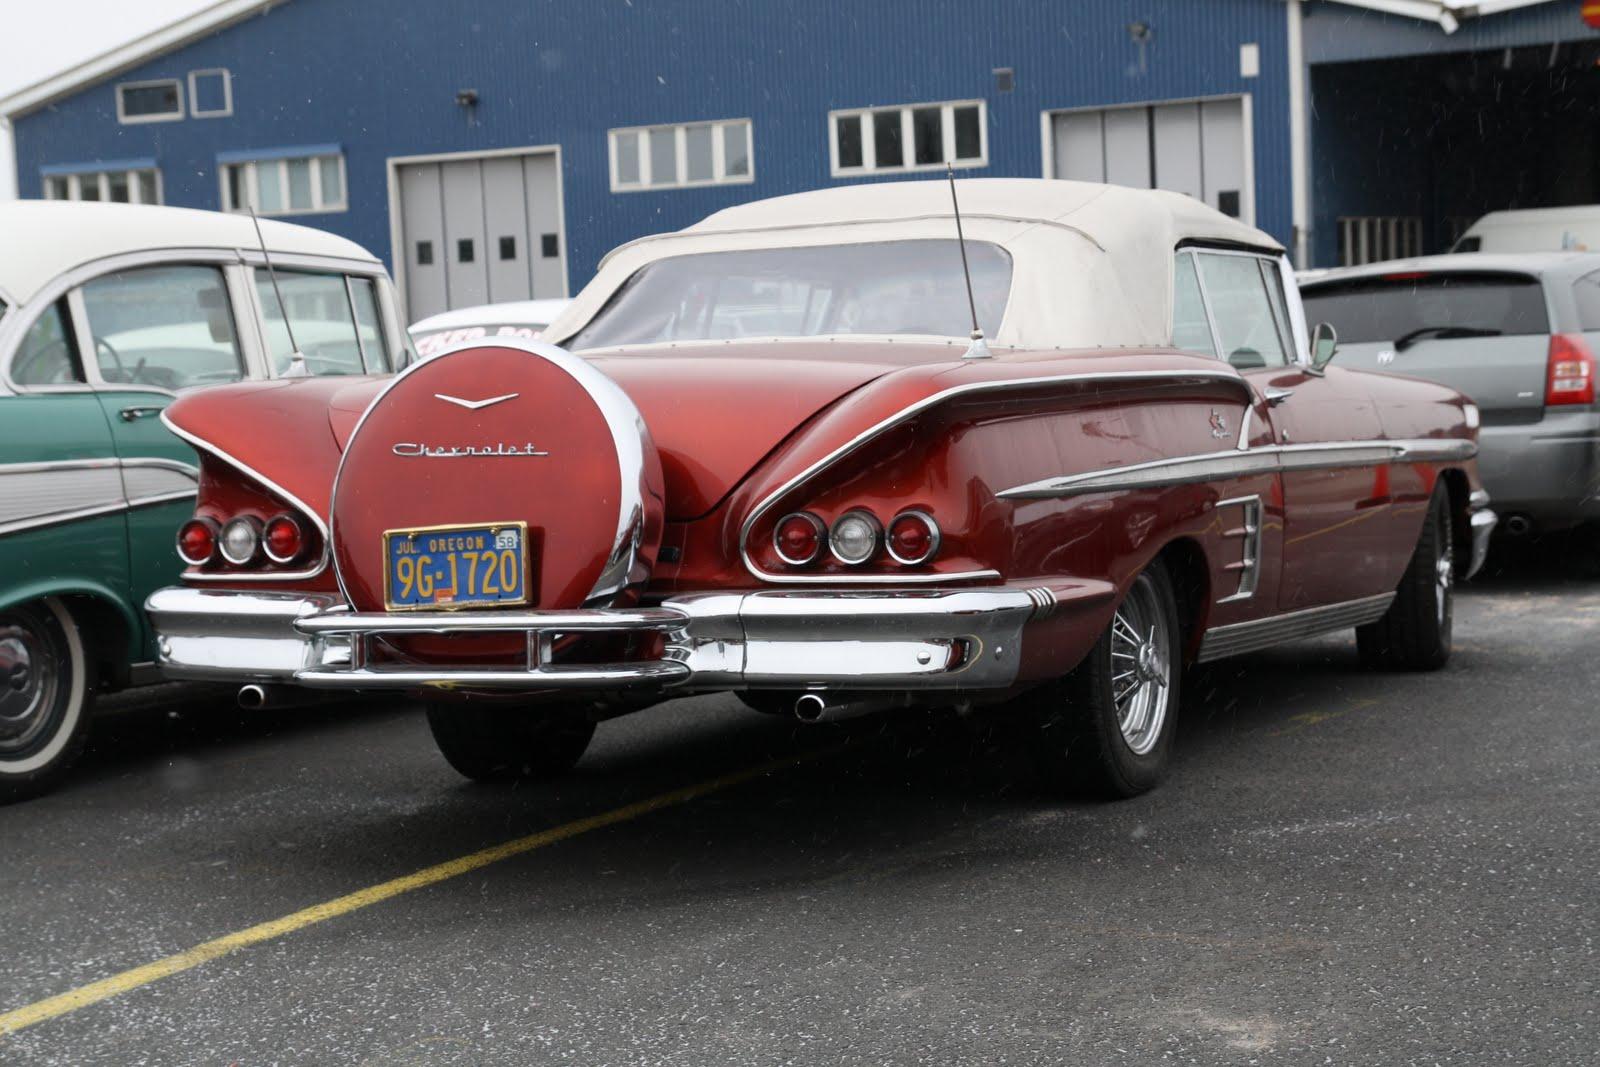 Kolla in p ett annat st lle p hisingen d k denna impala cab upp idag och visst r man f rundrad ver hur mycket fina bilar som egentligen kommer till v rt